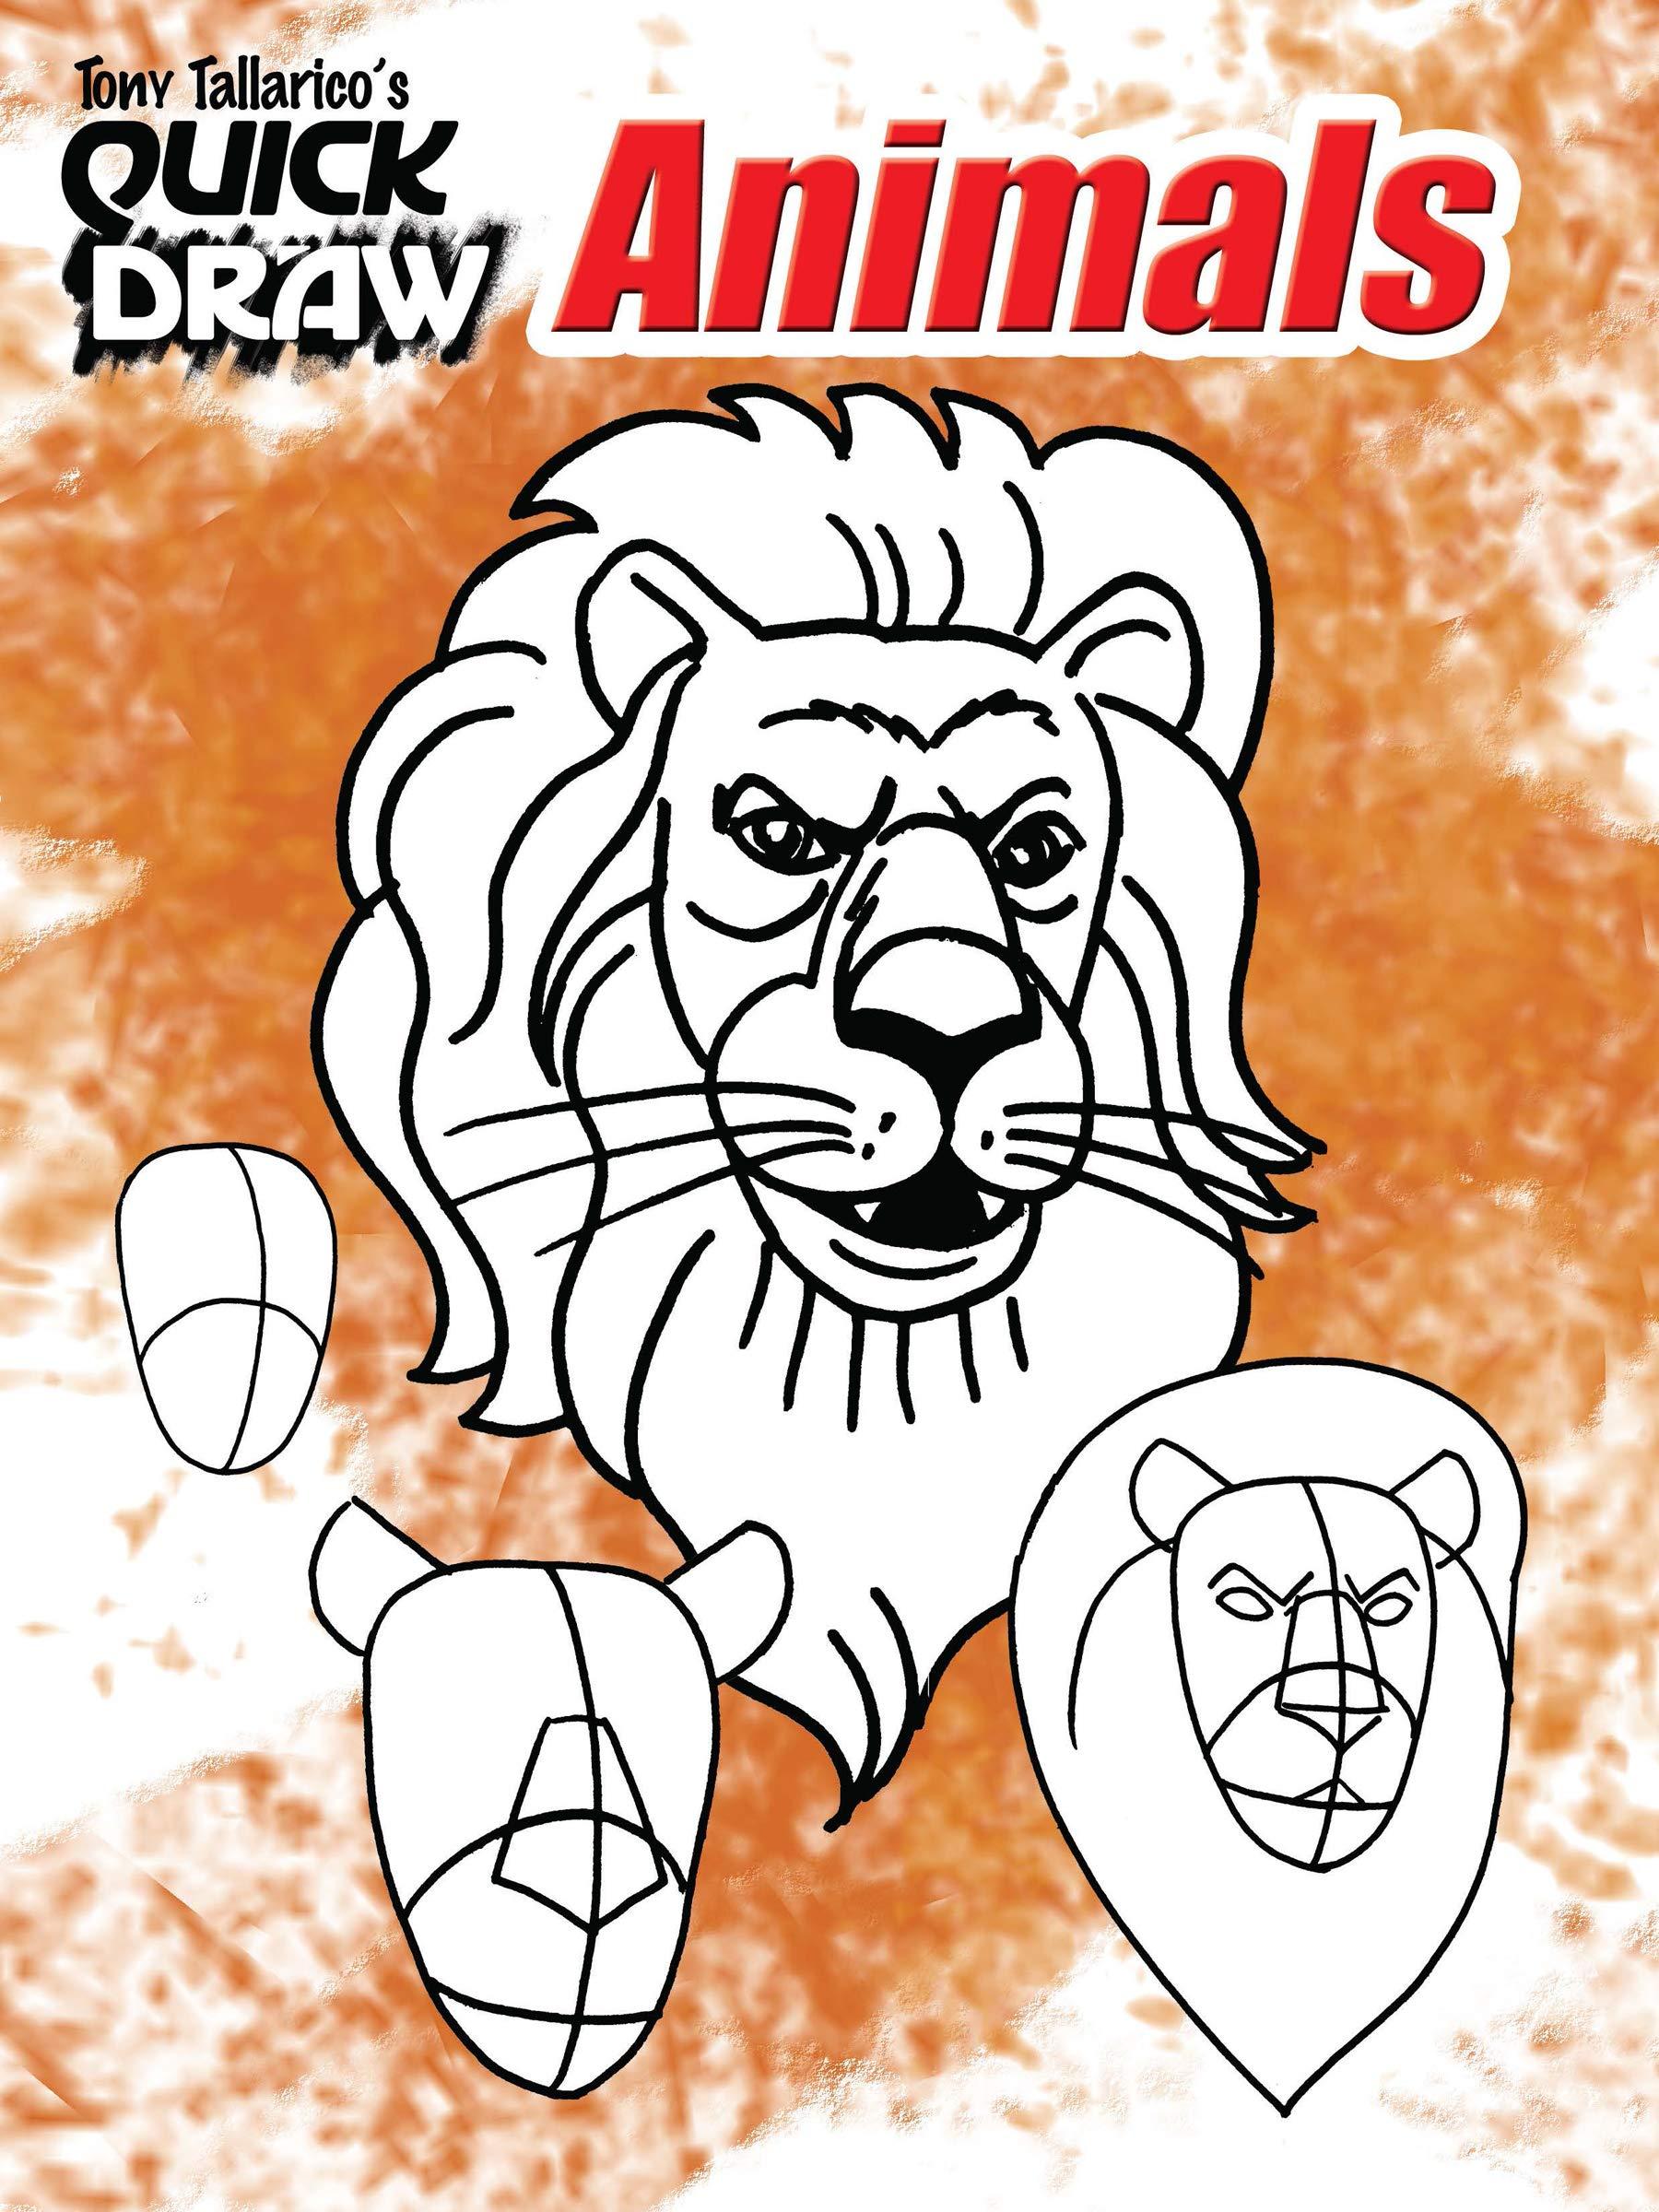 Image of: Cartoon Tony Tallaricos Quick Draw Animals dover How To Draw Paperback June 21 2011 Amazoncom Tony Tallaricos Quick Draw Animals dover How To Draw Tony